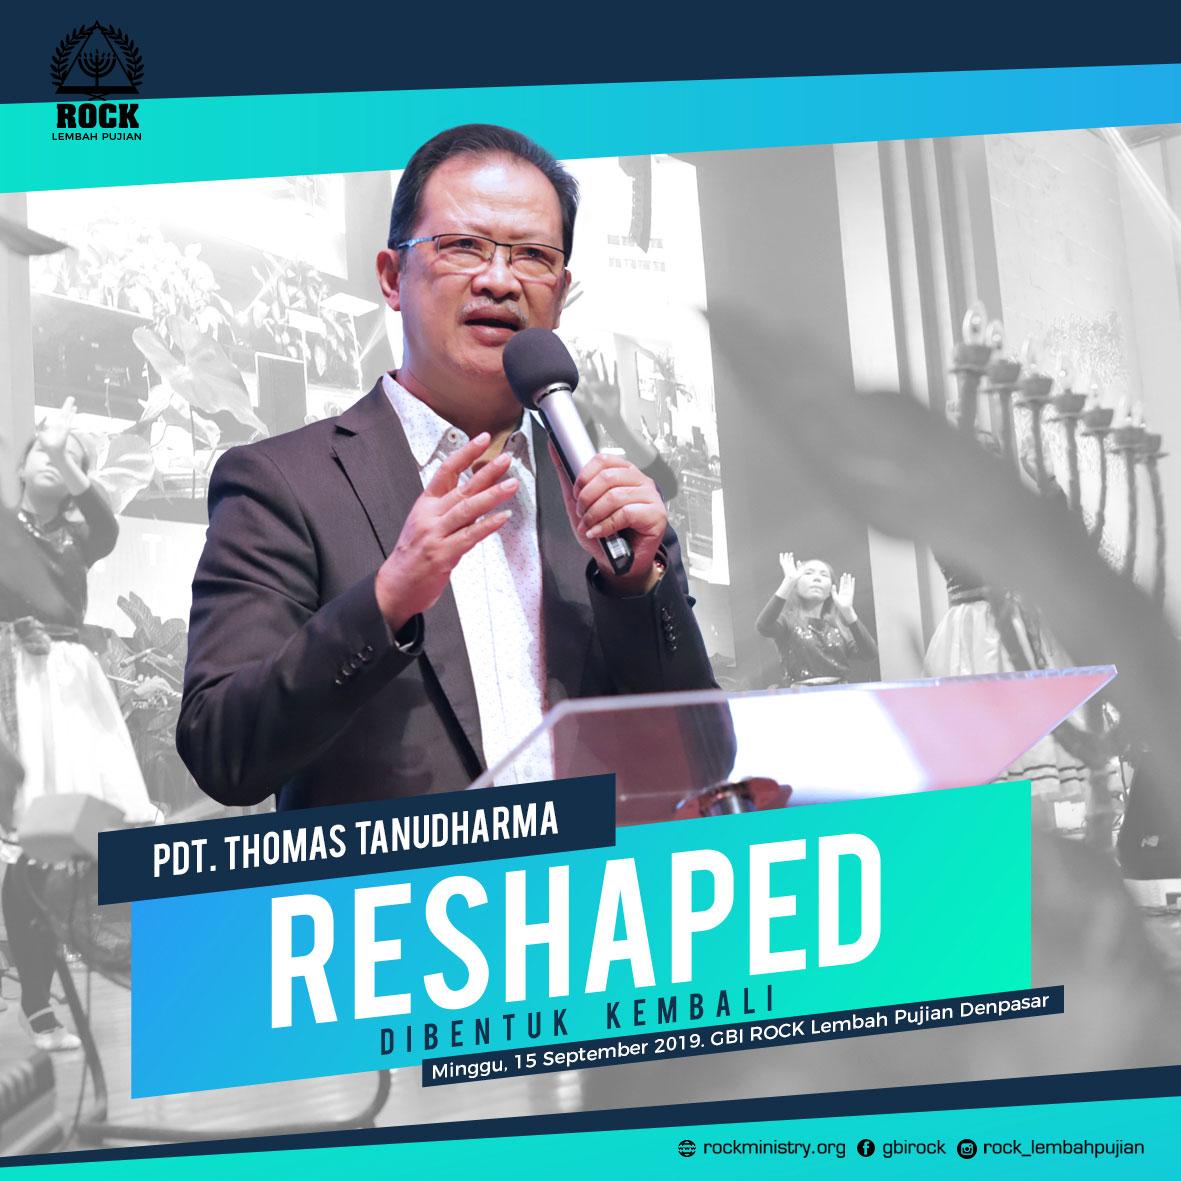 RESHAPED (Dibentuk Kembali) | Pdt. Thomas Tanudharma